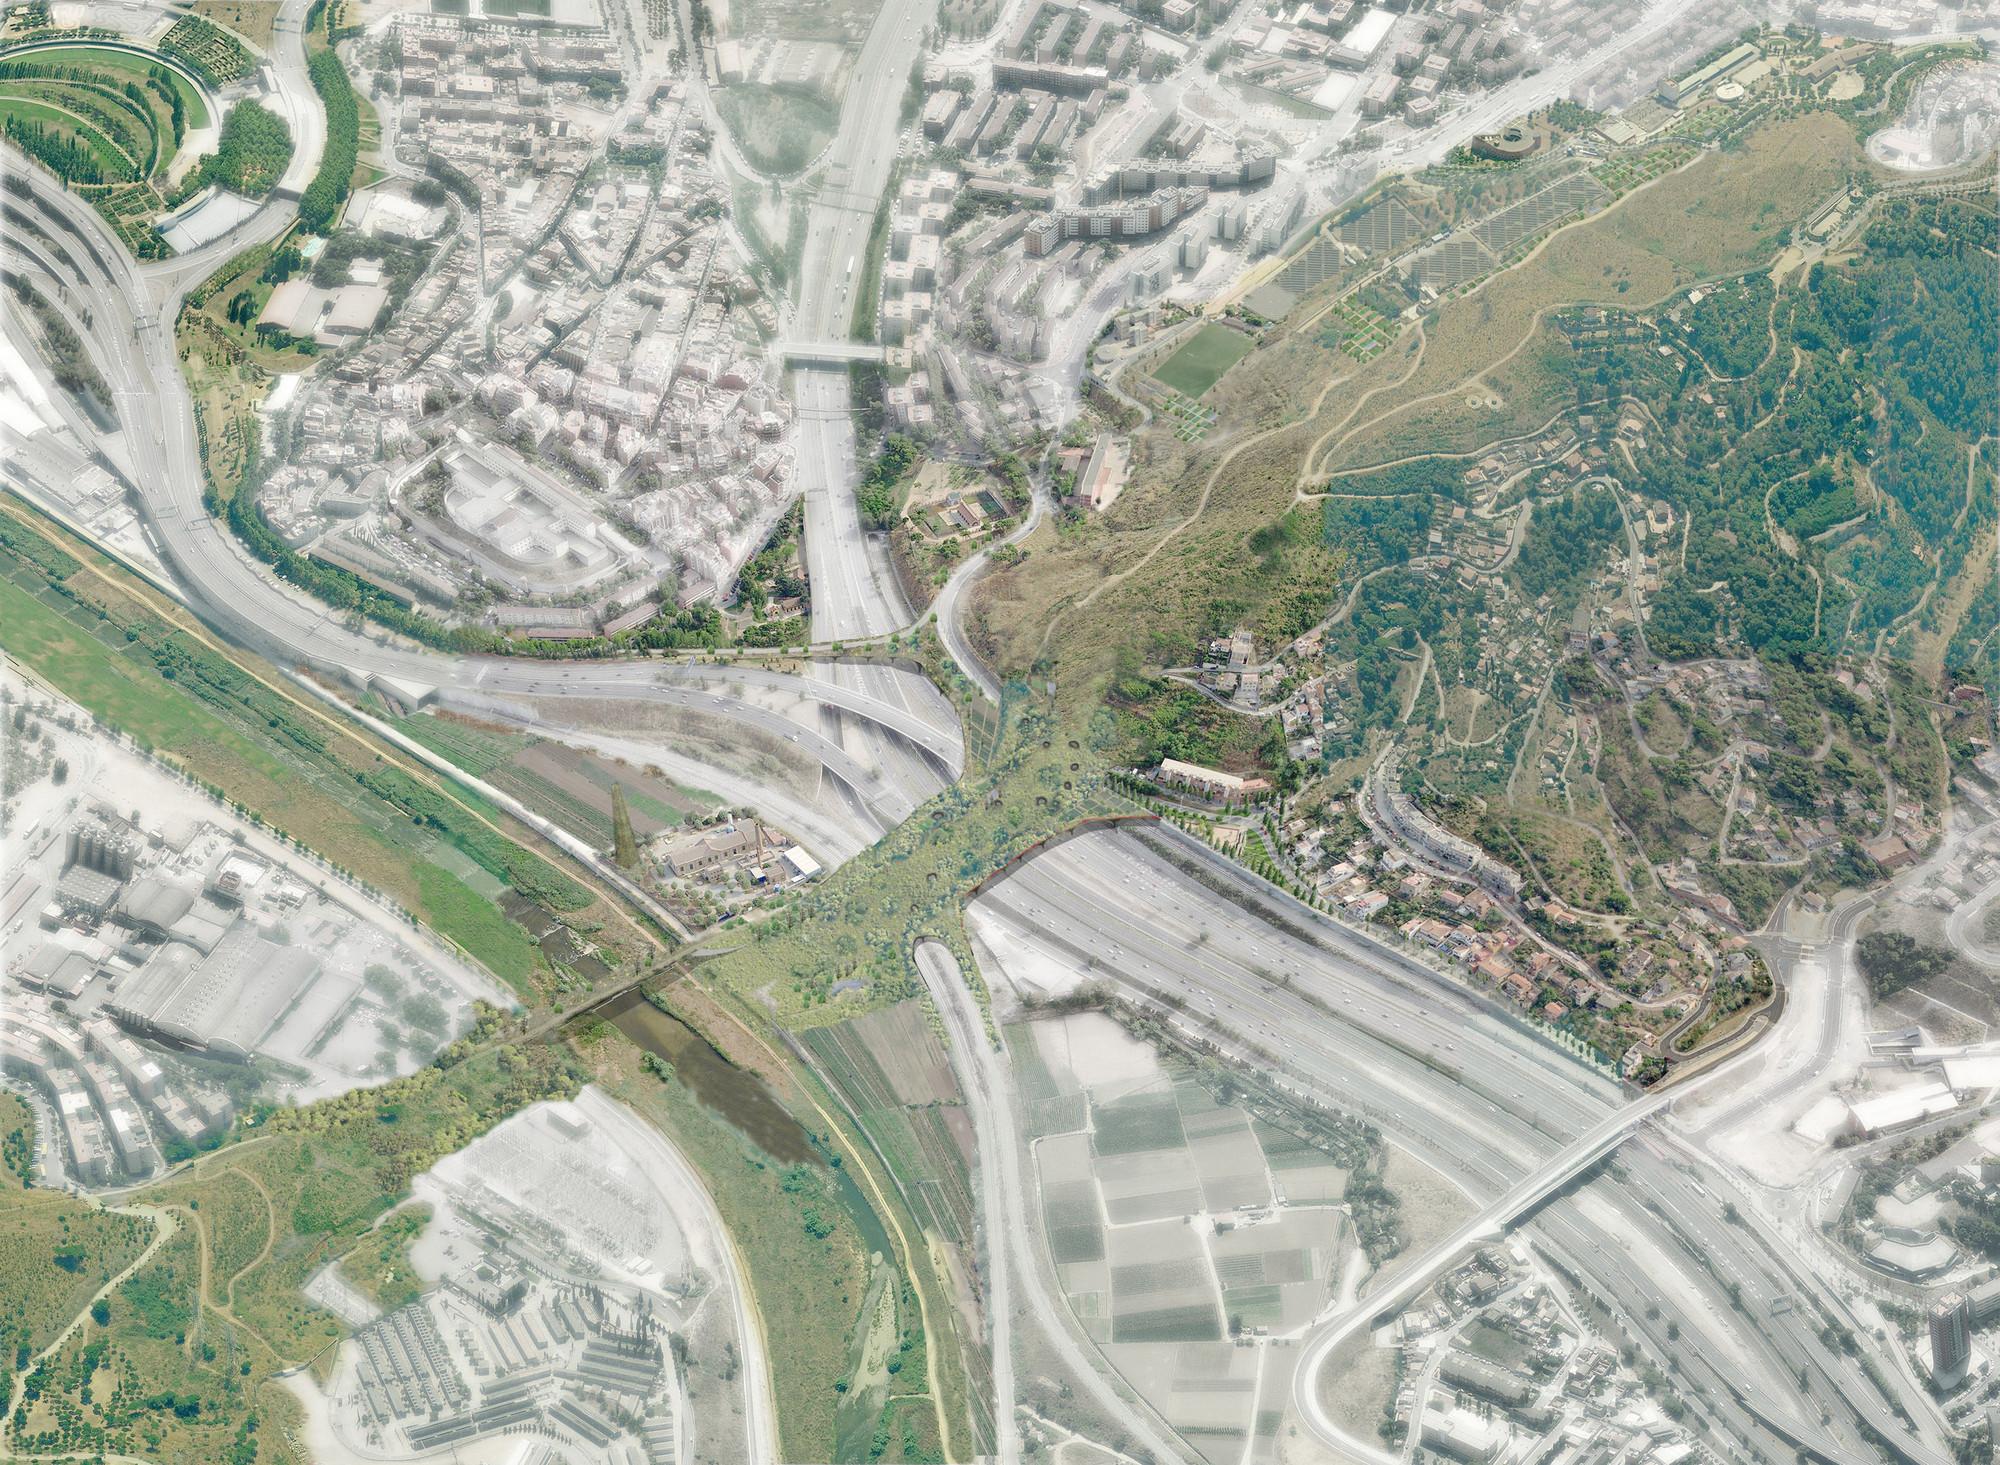 Proyecto 'e(CO)stratègia' de Sau Taller d'Arquitectura busca tejer flujos biológicos y urbanos de Barcelona, © Sau Taller d'Arquitectura